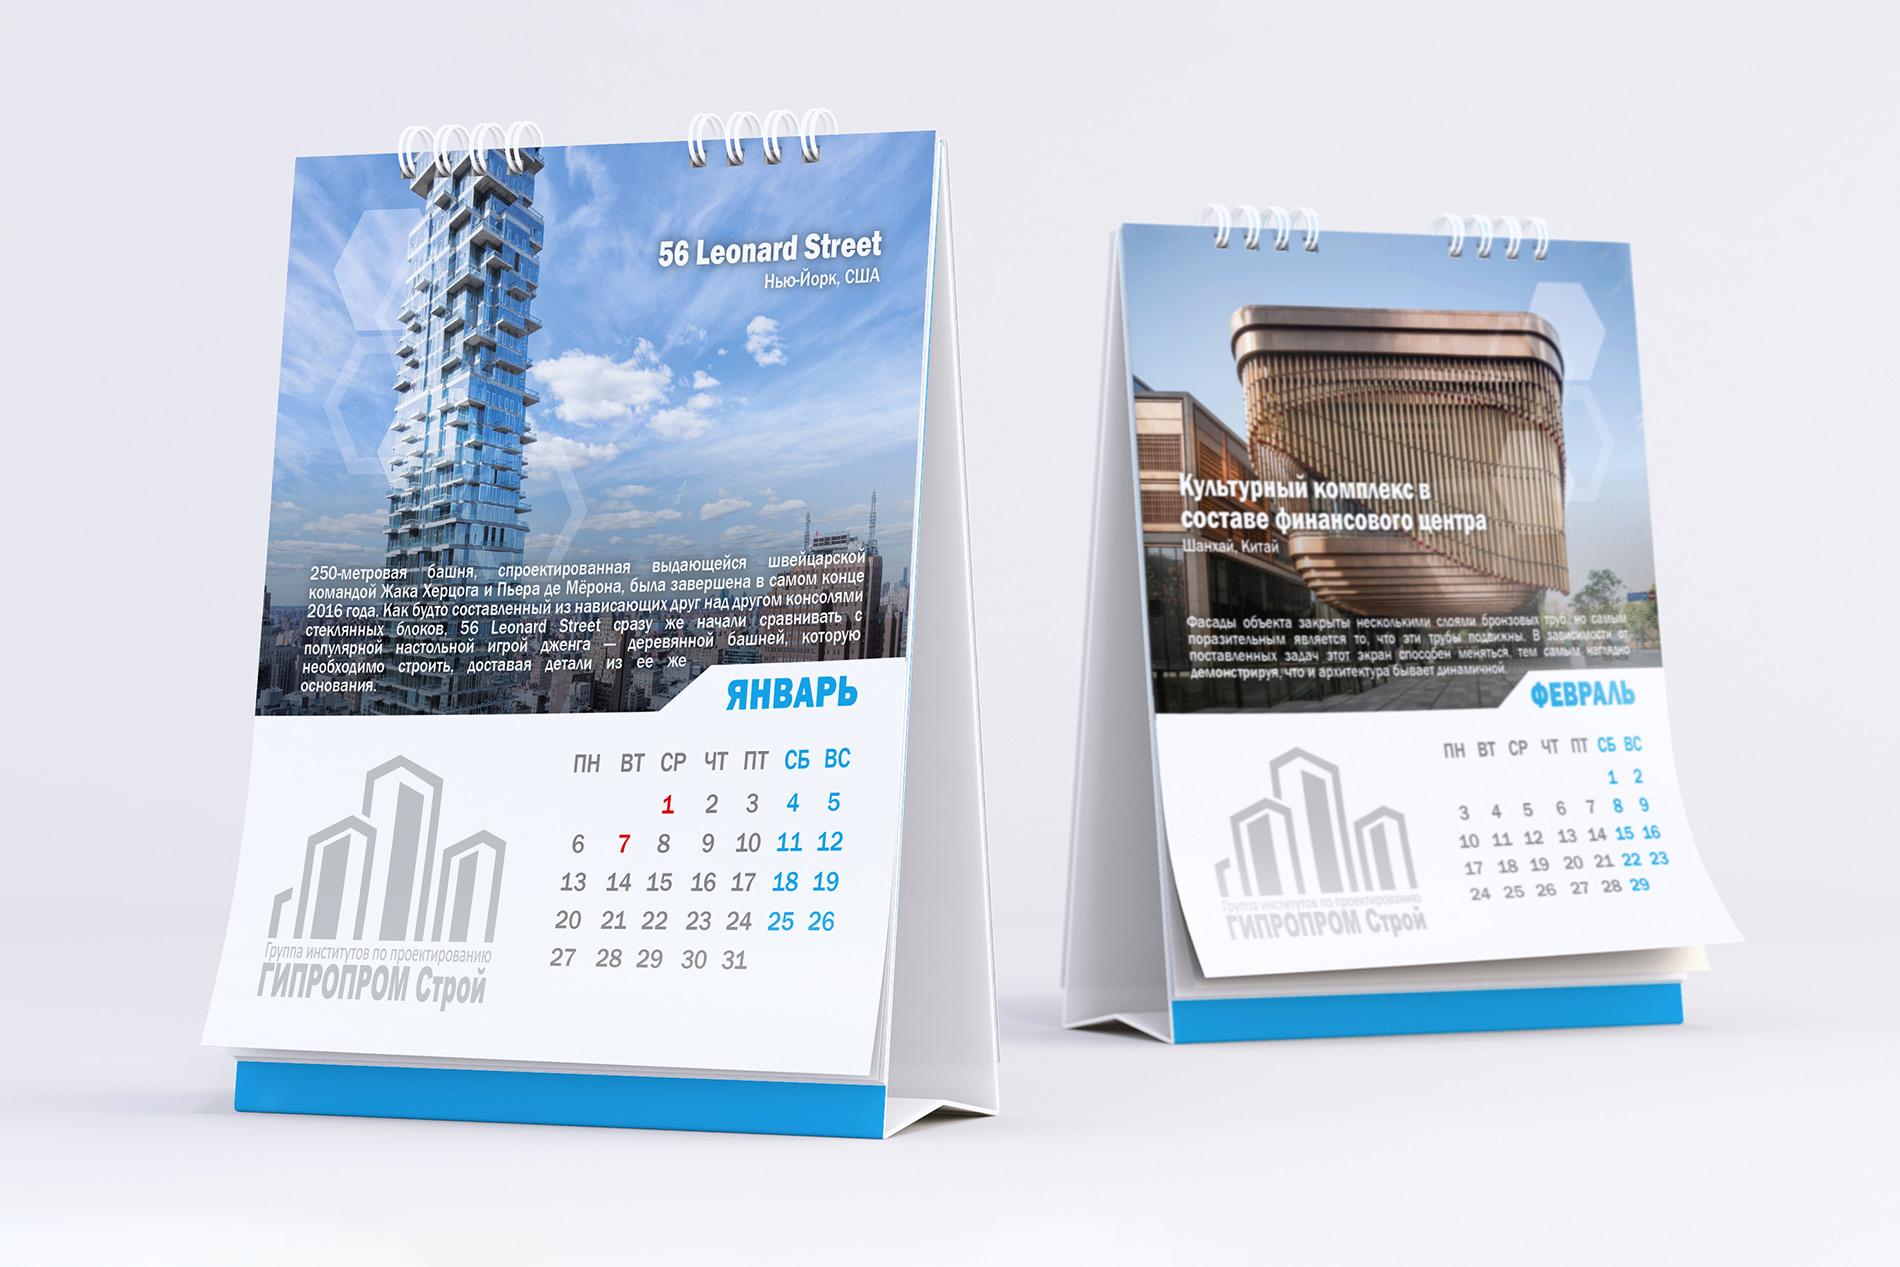 Giproprom stroy дизайн календаря